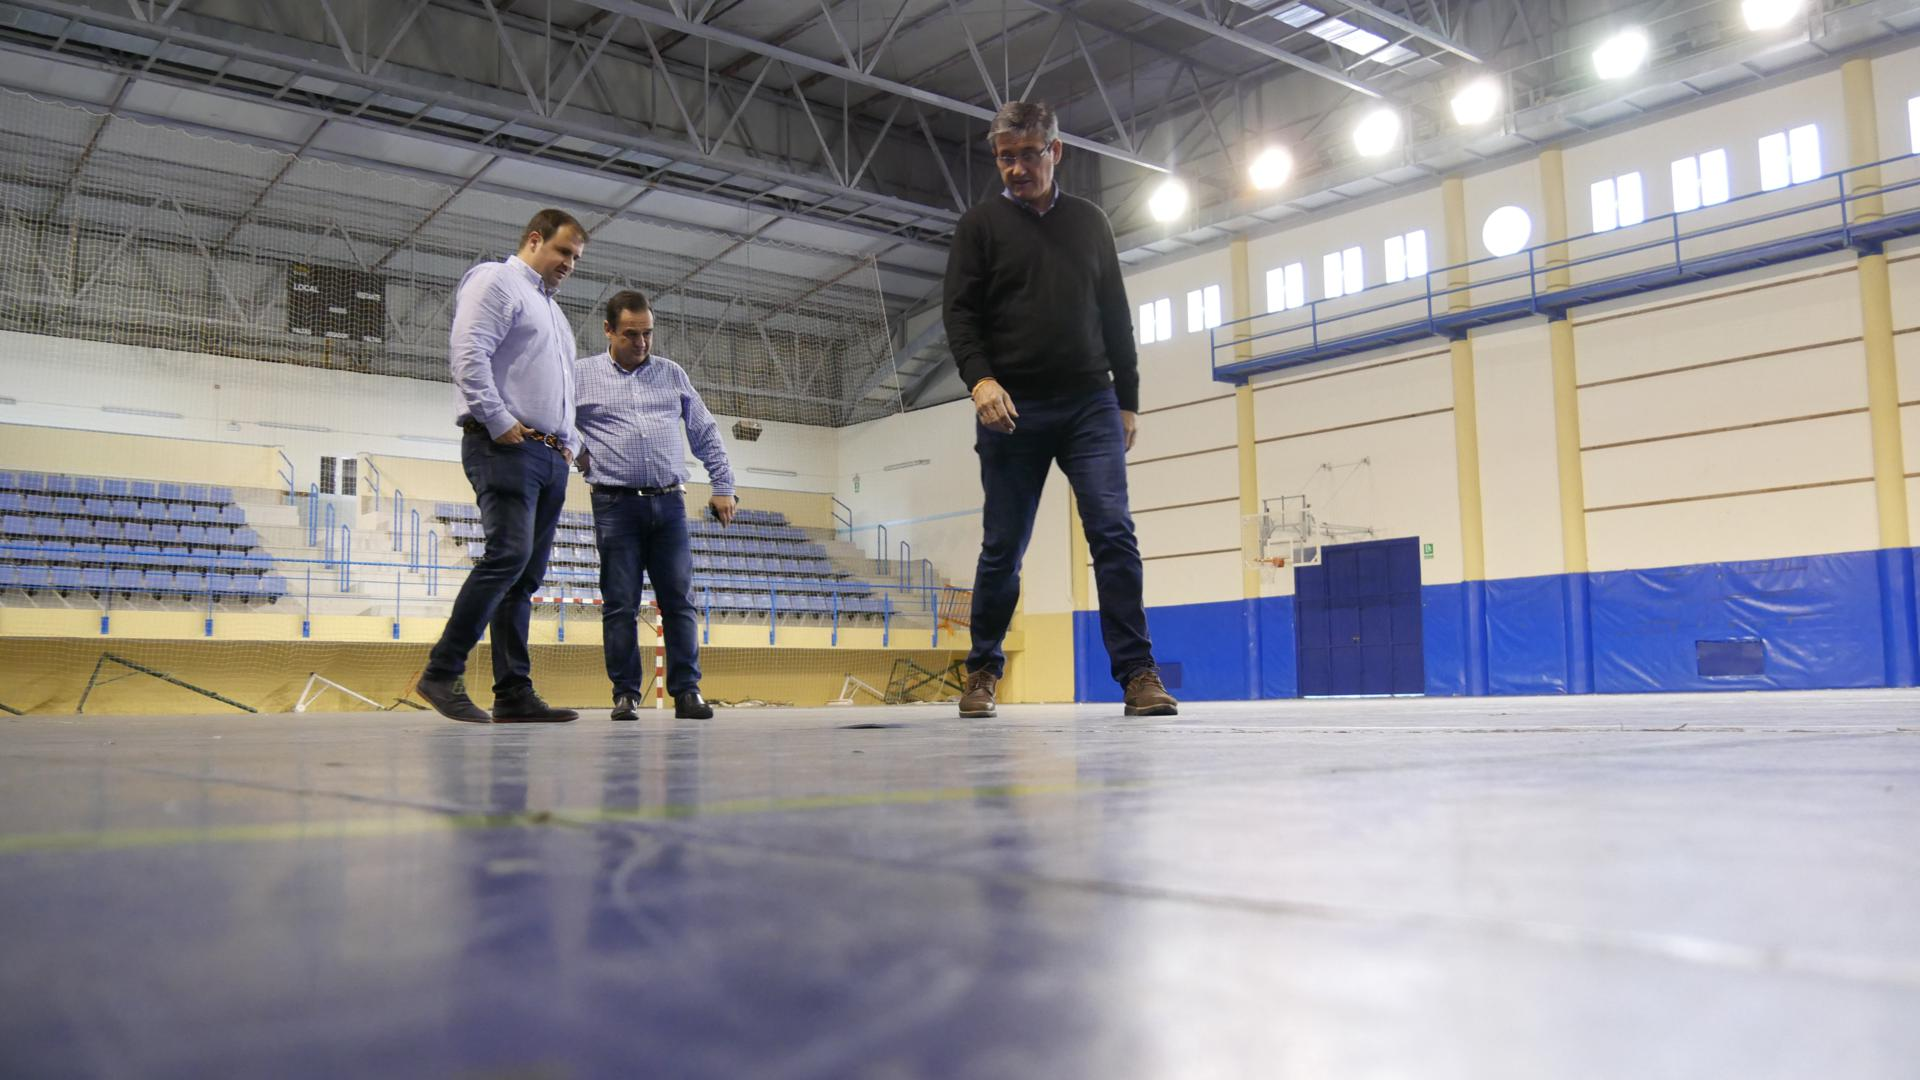 Firmado el contrato para la primera fase de reparación del pavimento del Pabellón Municipal de Deportes